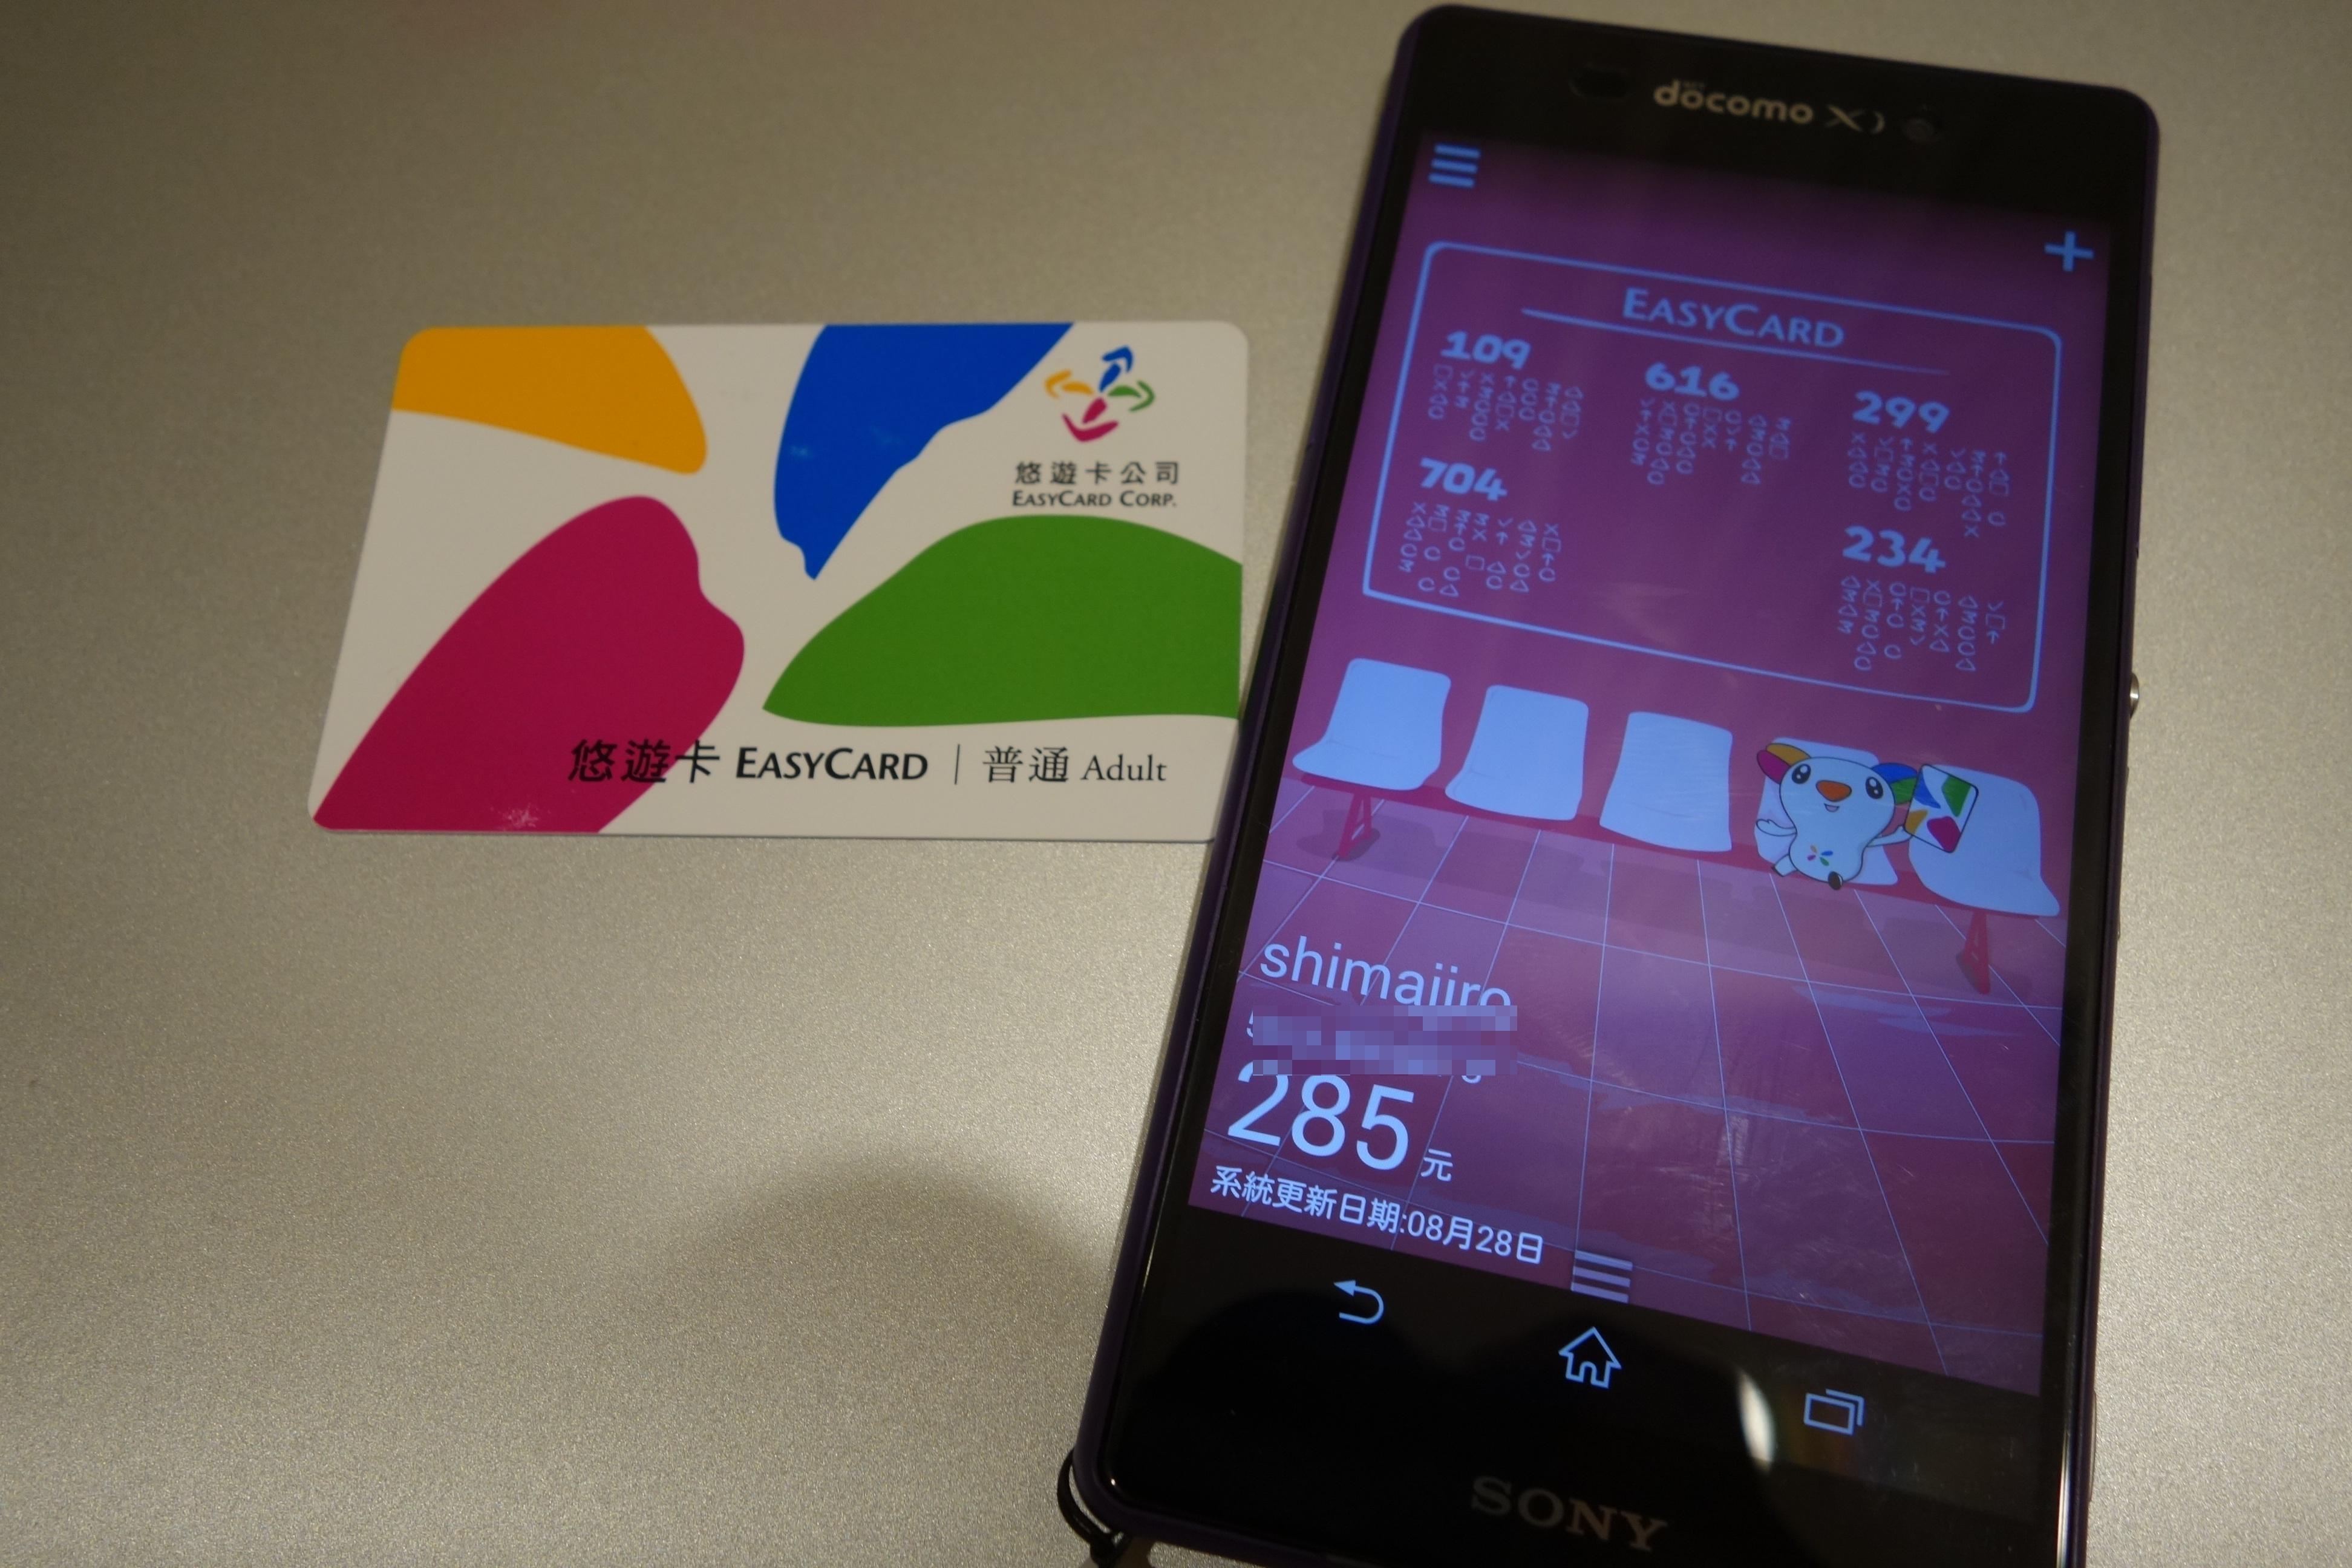 台湾のEasyCard、スマートフォンから残高確認にも対応